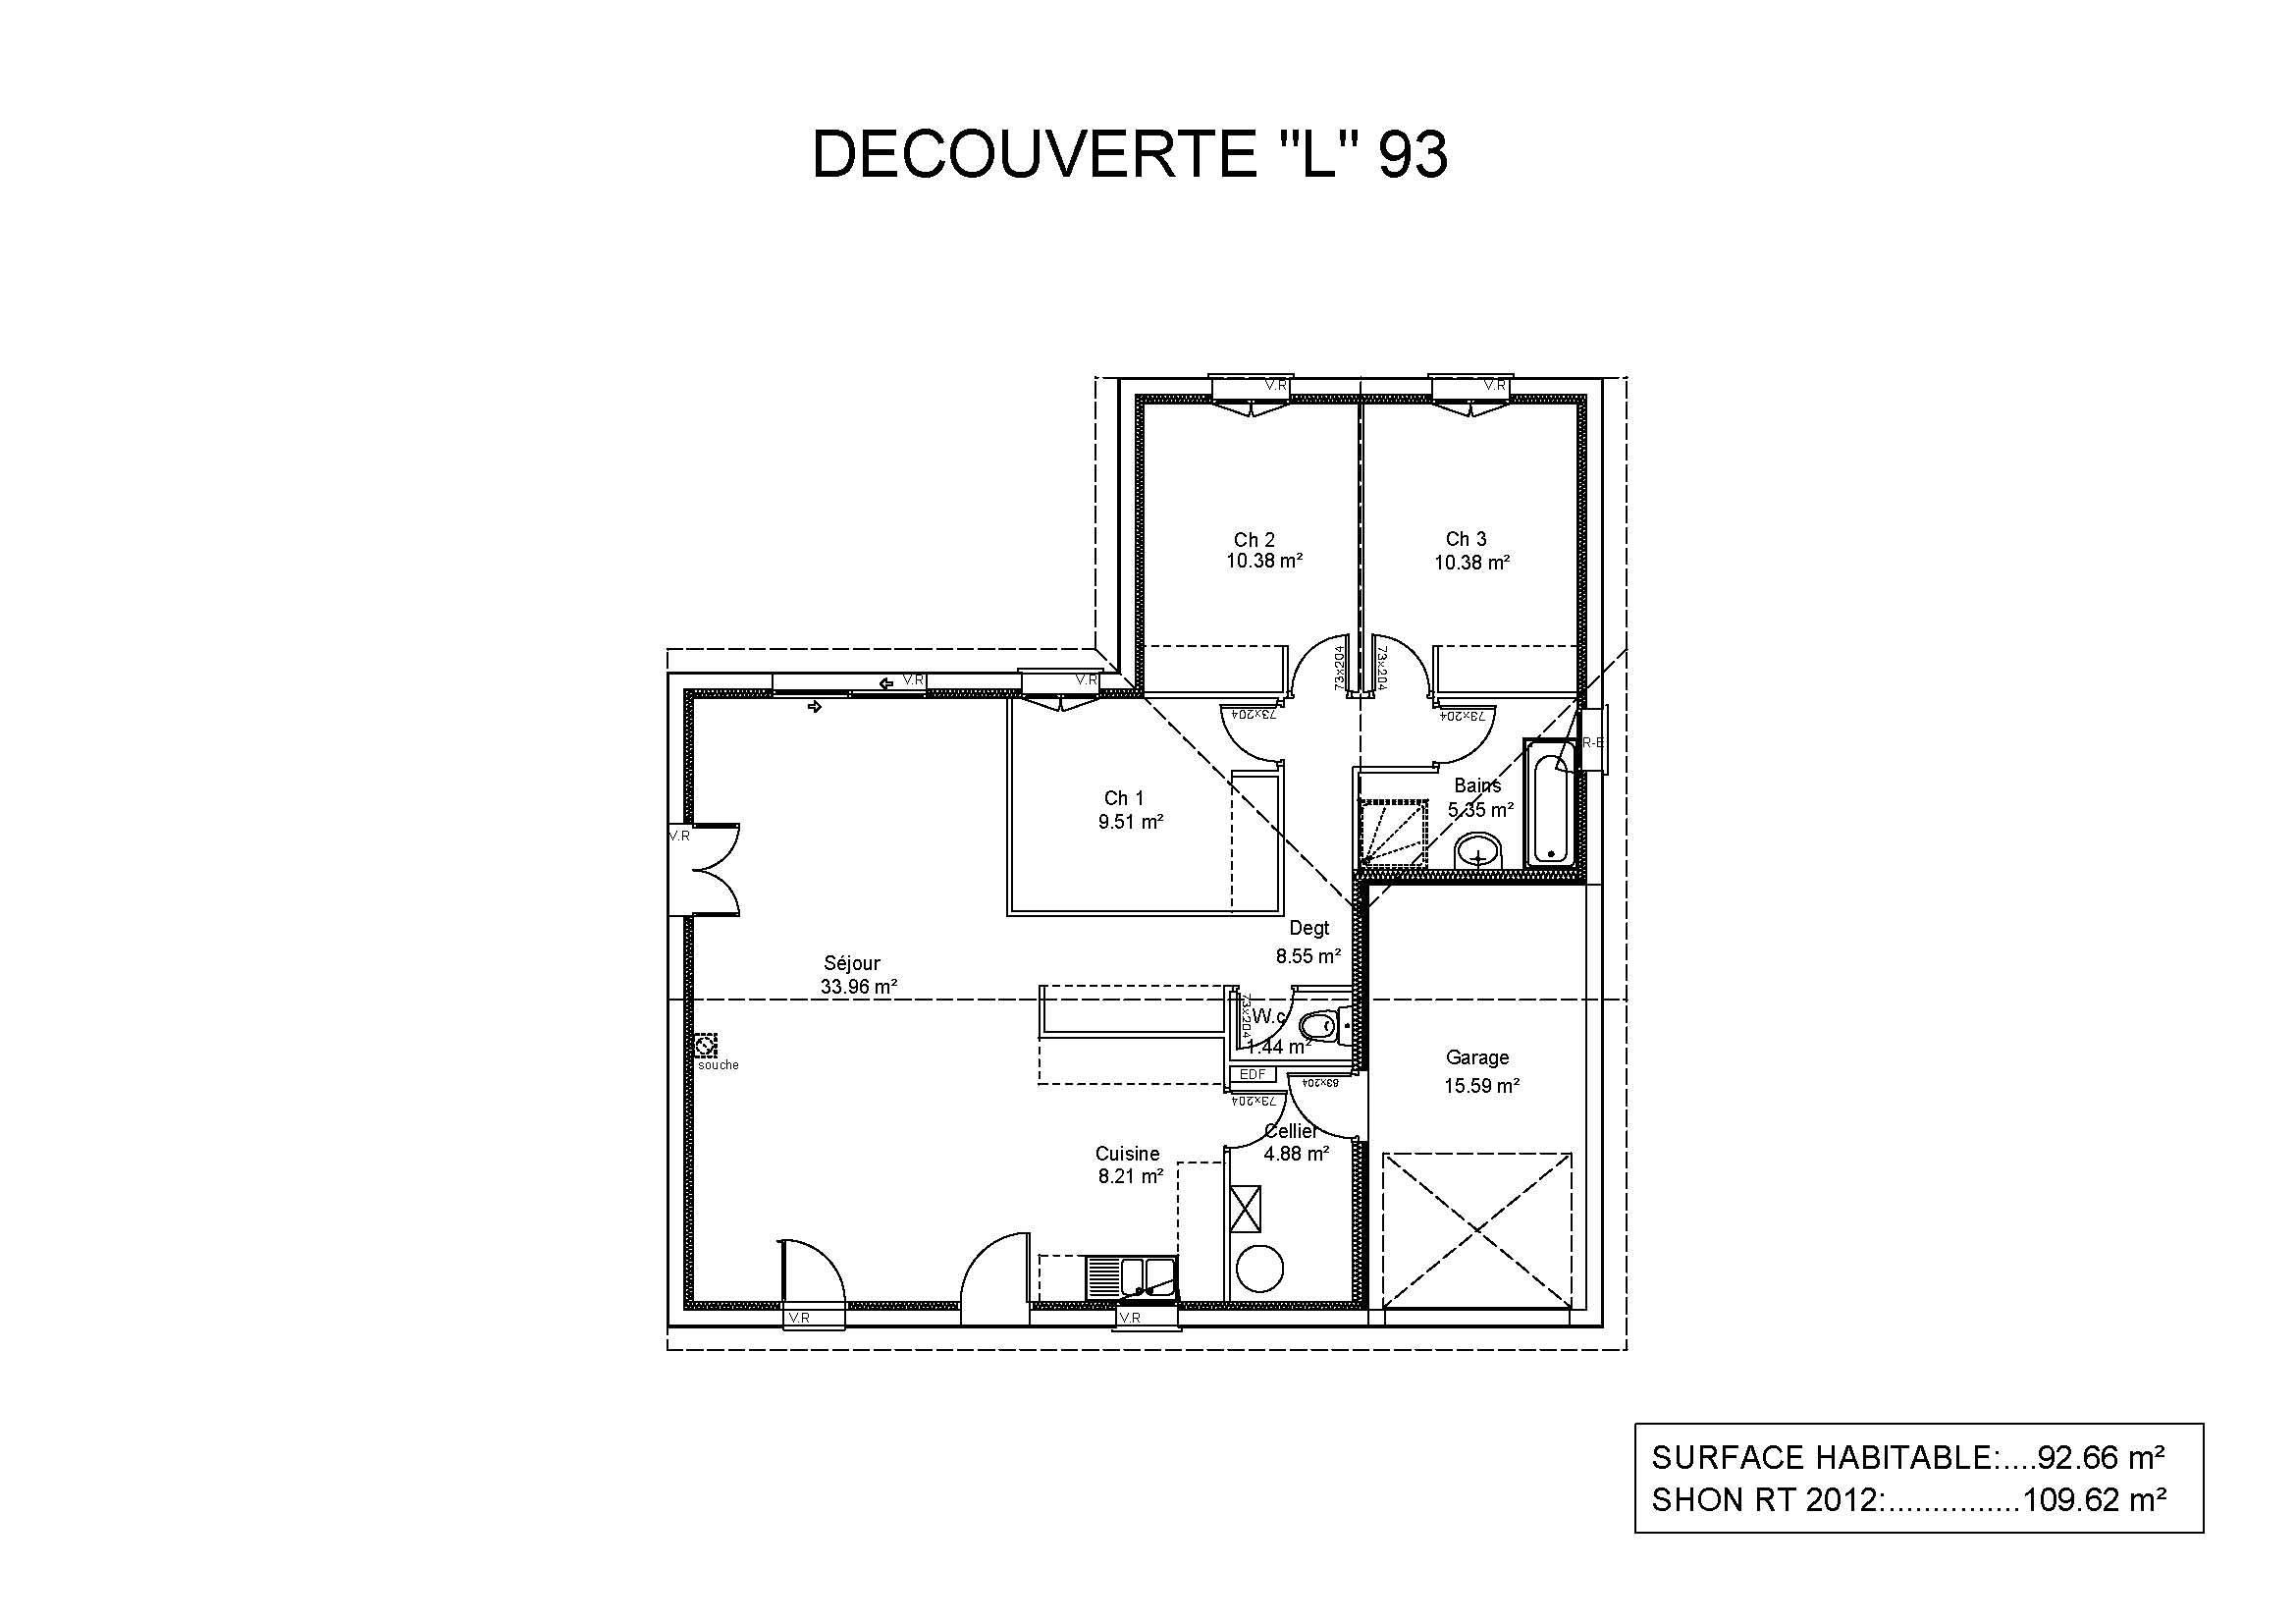 Maisons et terrains maison construire lacanau 33680 for Modele maison geoxia